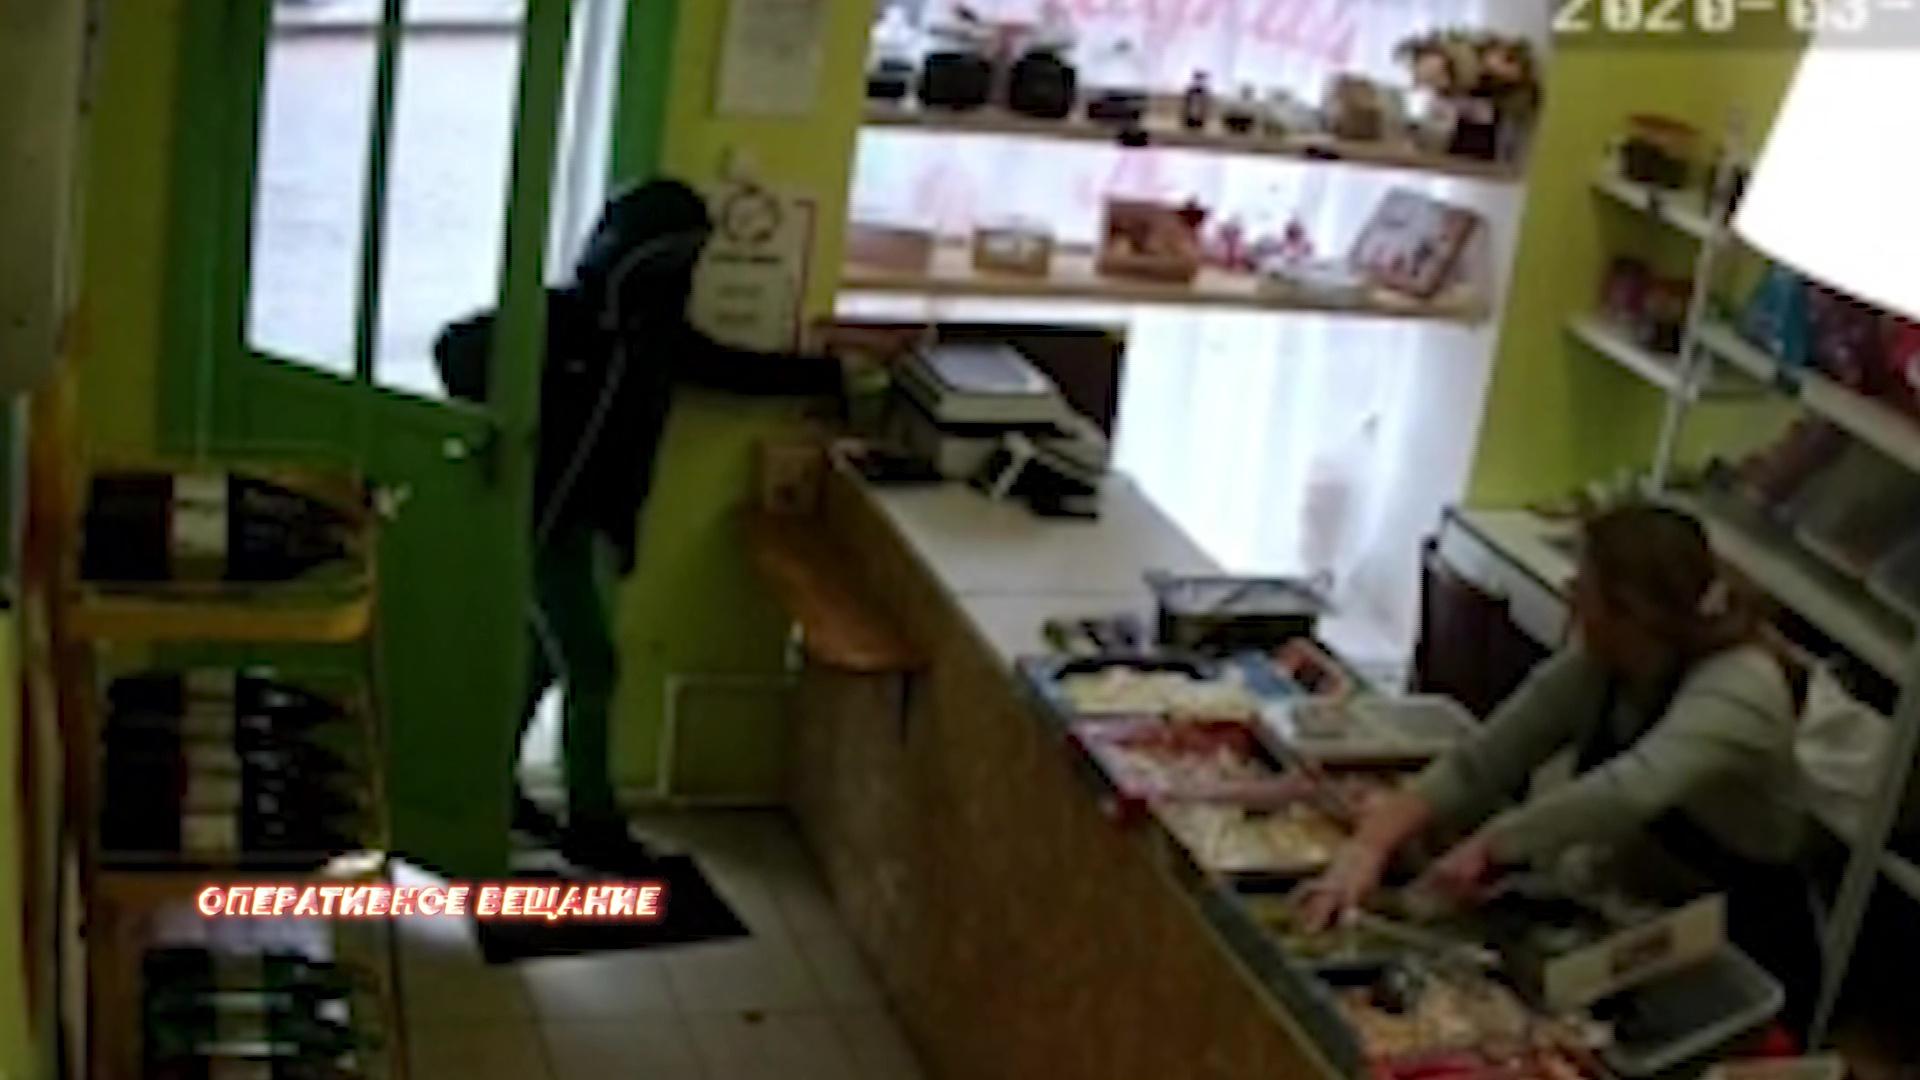 Житель области украл из магазина ящик для сбора средств больному ребенку